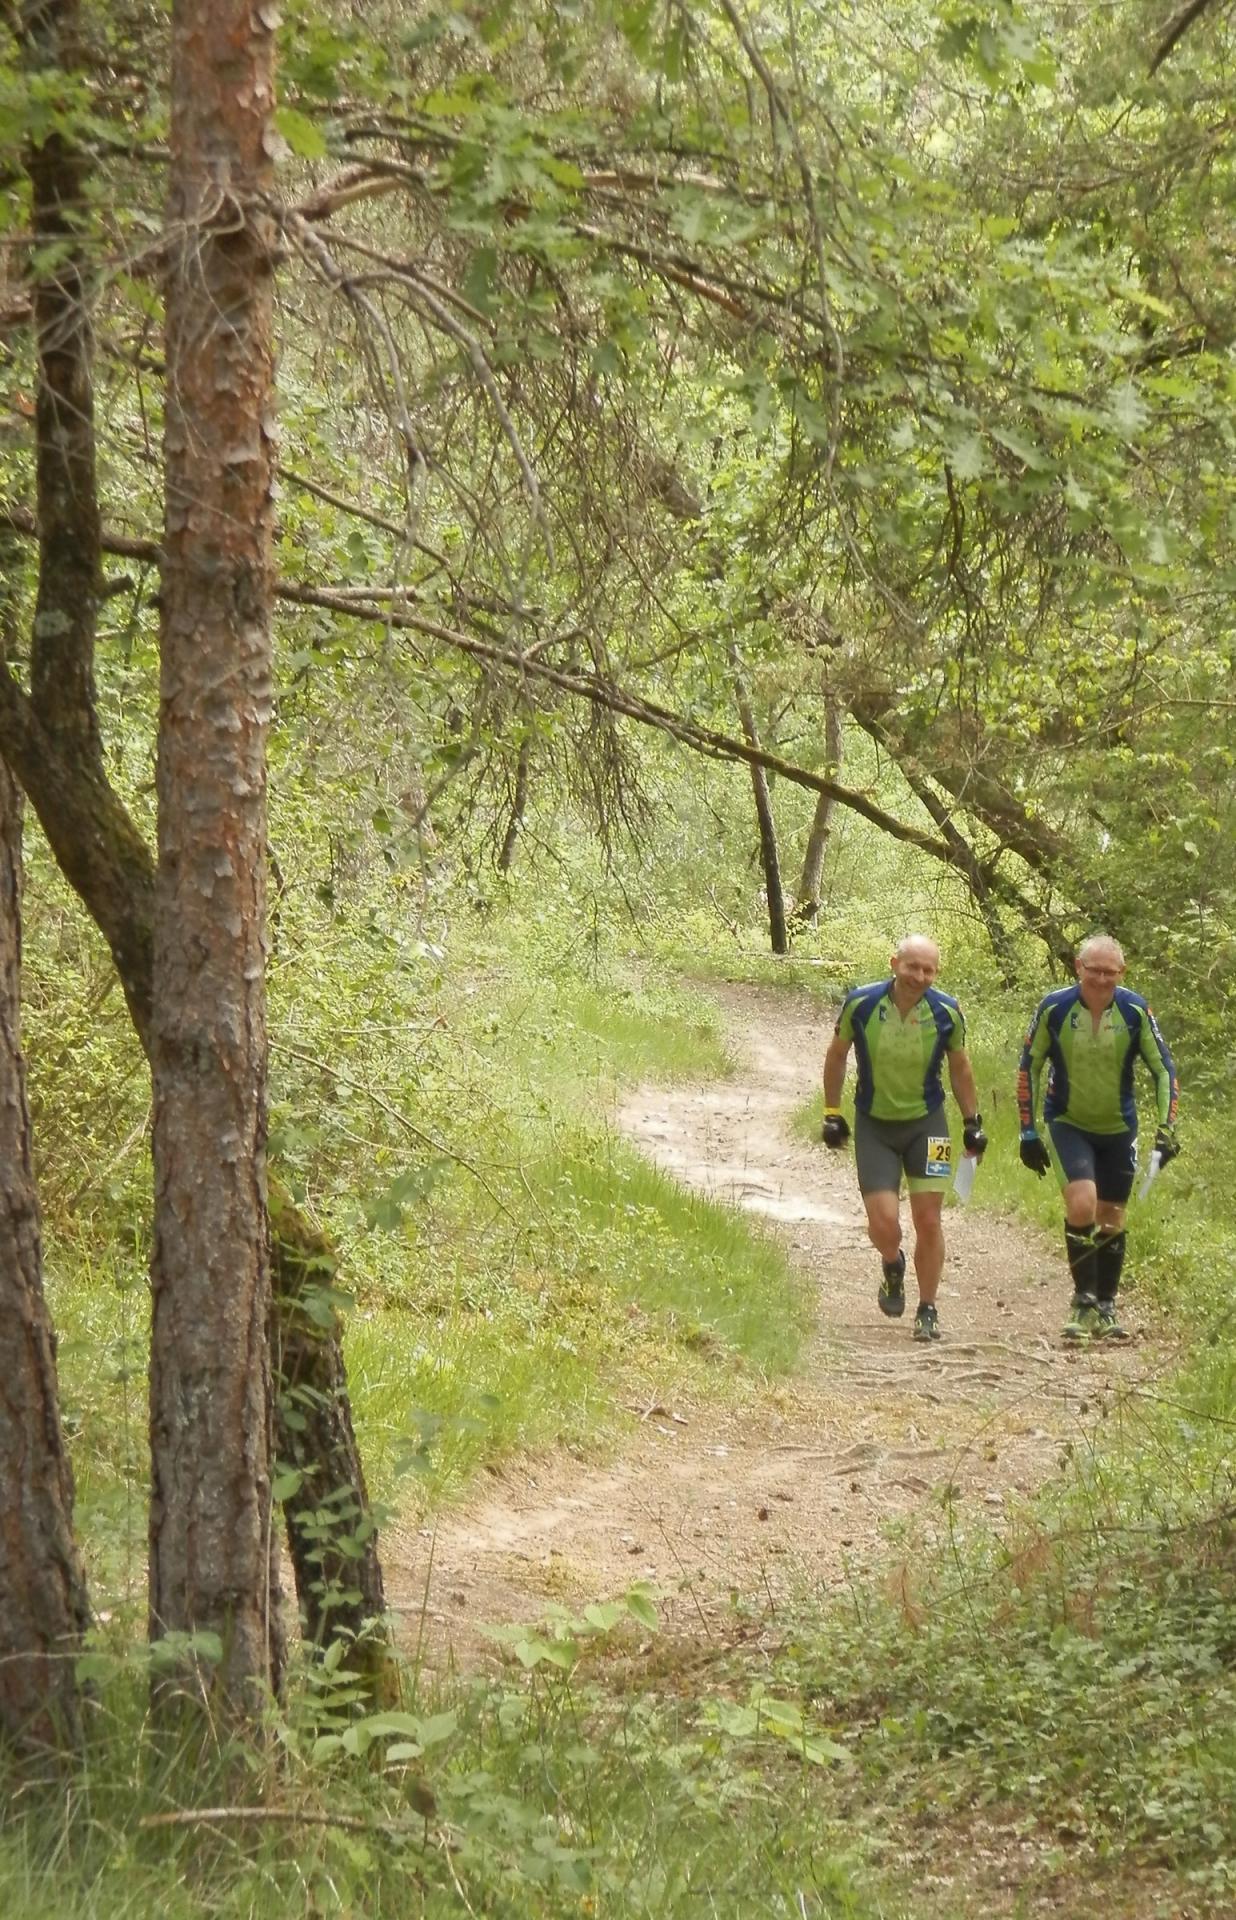 Corentin et Stéph' à la peine dans le trail